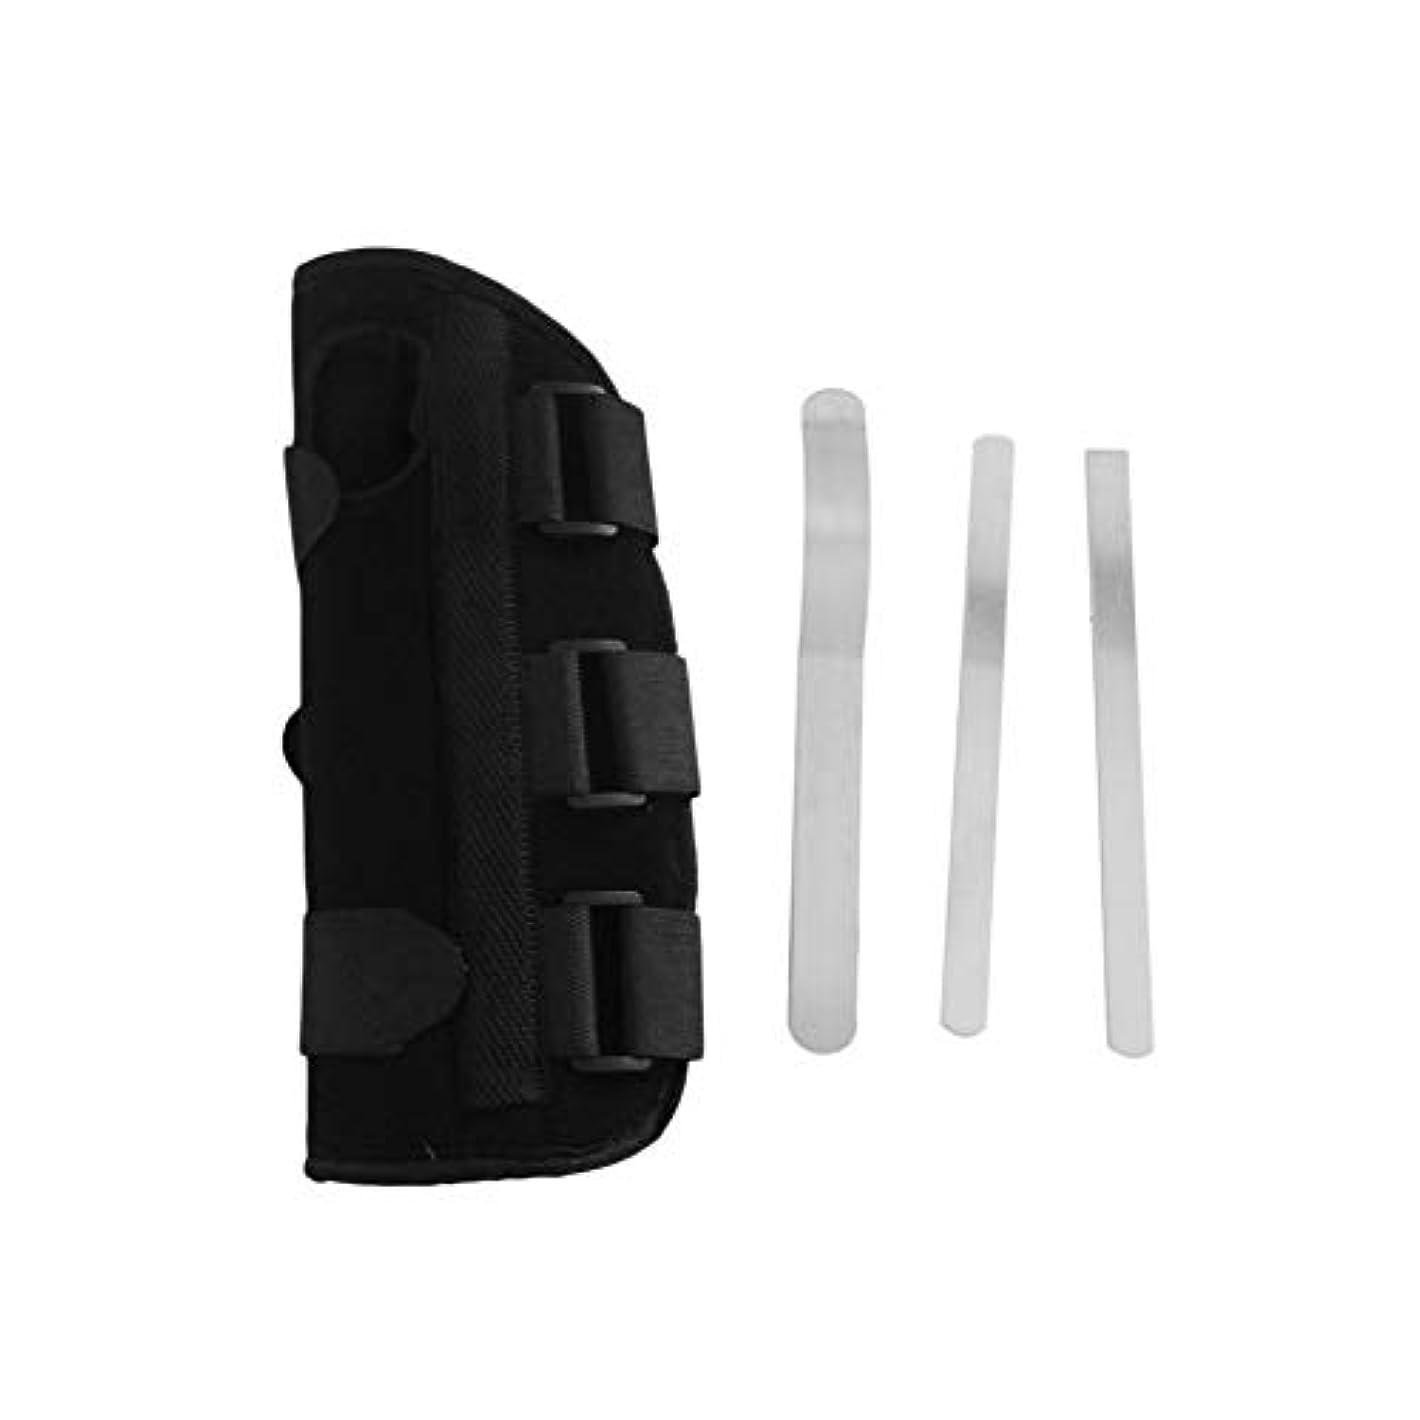 ドロップあいにくあなたが良くなります手首副木ブレース保護サポートストラップカルペルトンネルCTS RSI痛み軽減取り外し可能な副木快適な軽量ストラップ - ブラックS